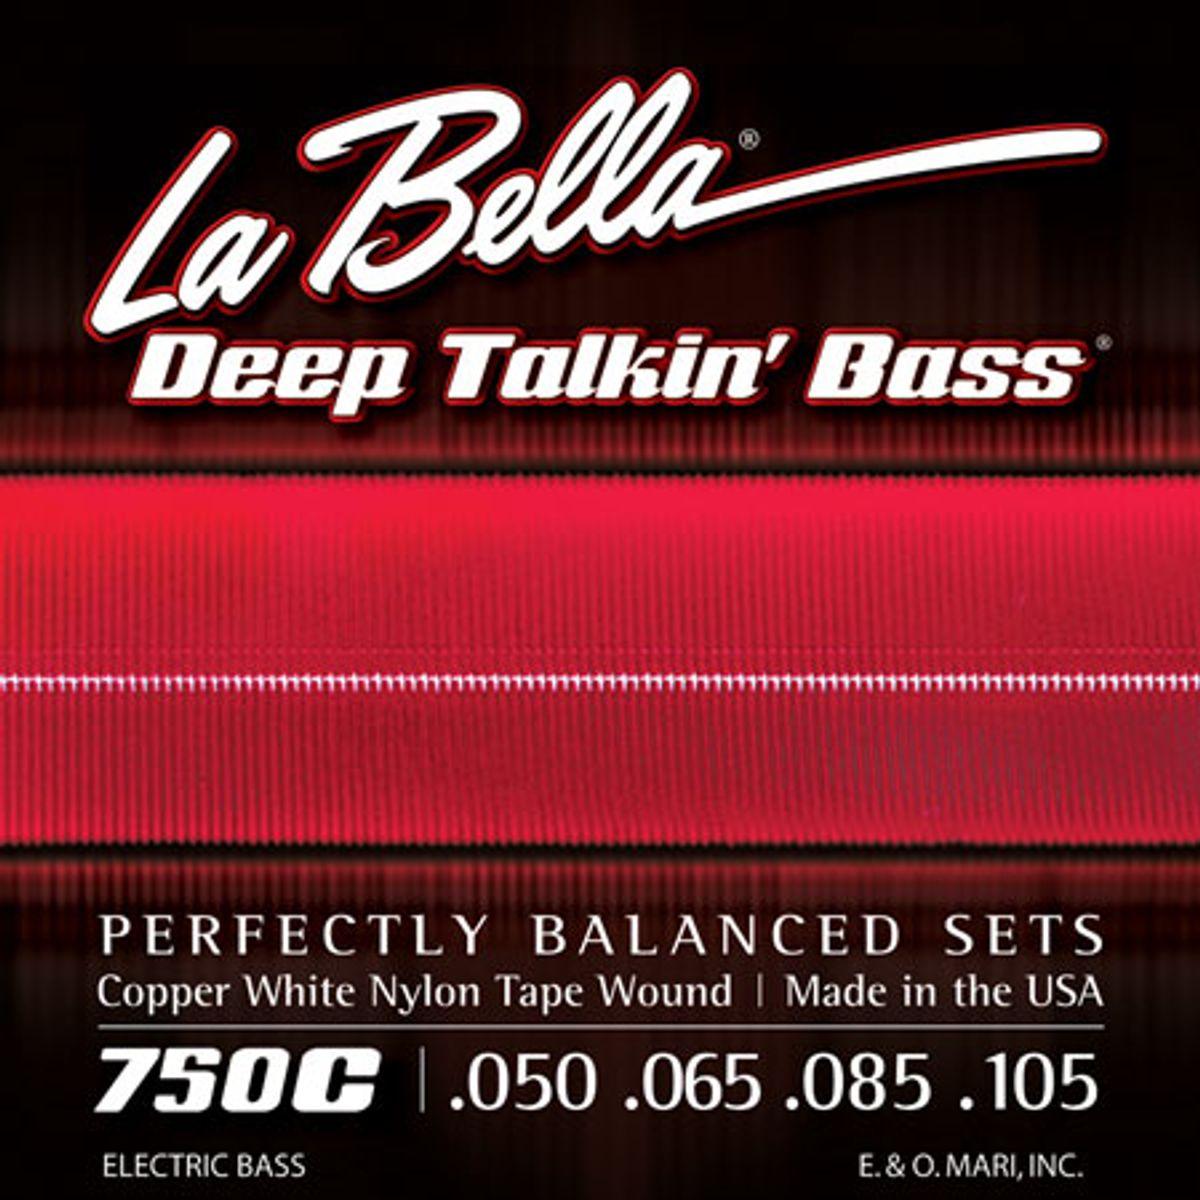 La Bella Strings Introduces the Copper White Nylon Tape Wound Series